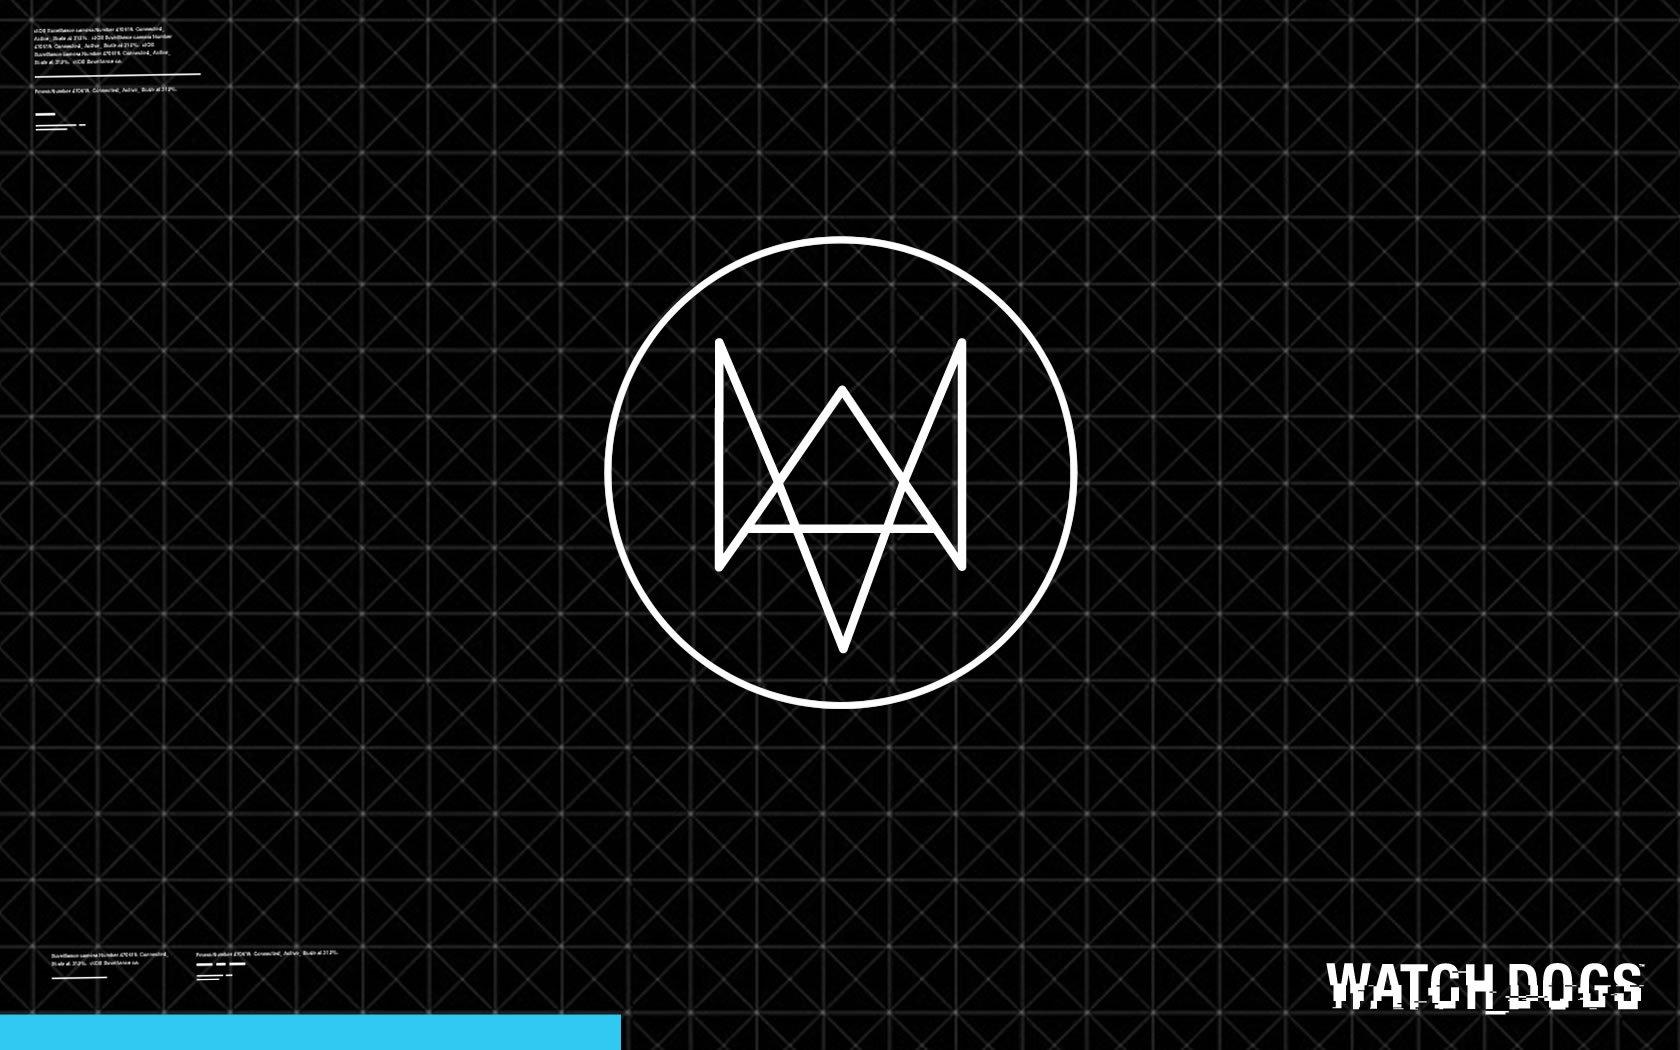 Официальные детали патча Watch Dogs для PC - Изображение 1